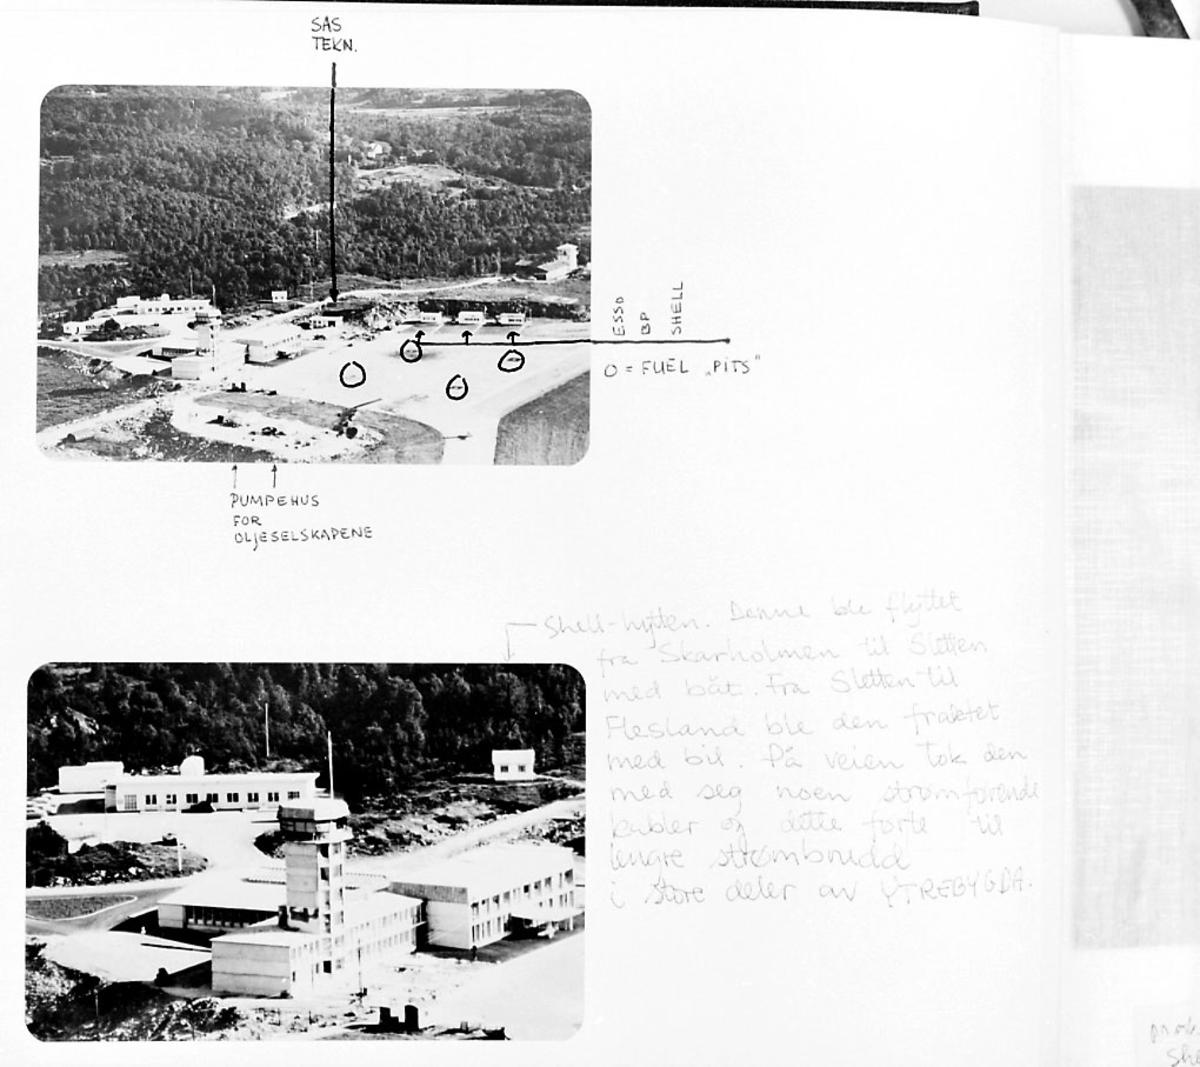 Maskinkopi fra lufthavnanlegg. 2 oversiktsfoto med kontrolltårn, flyplassbygninger